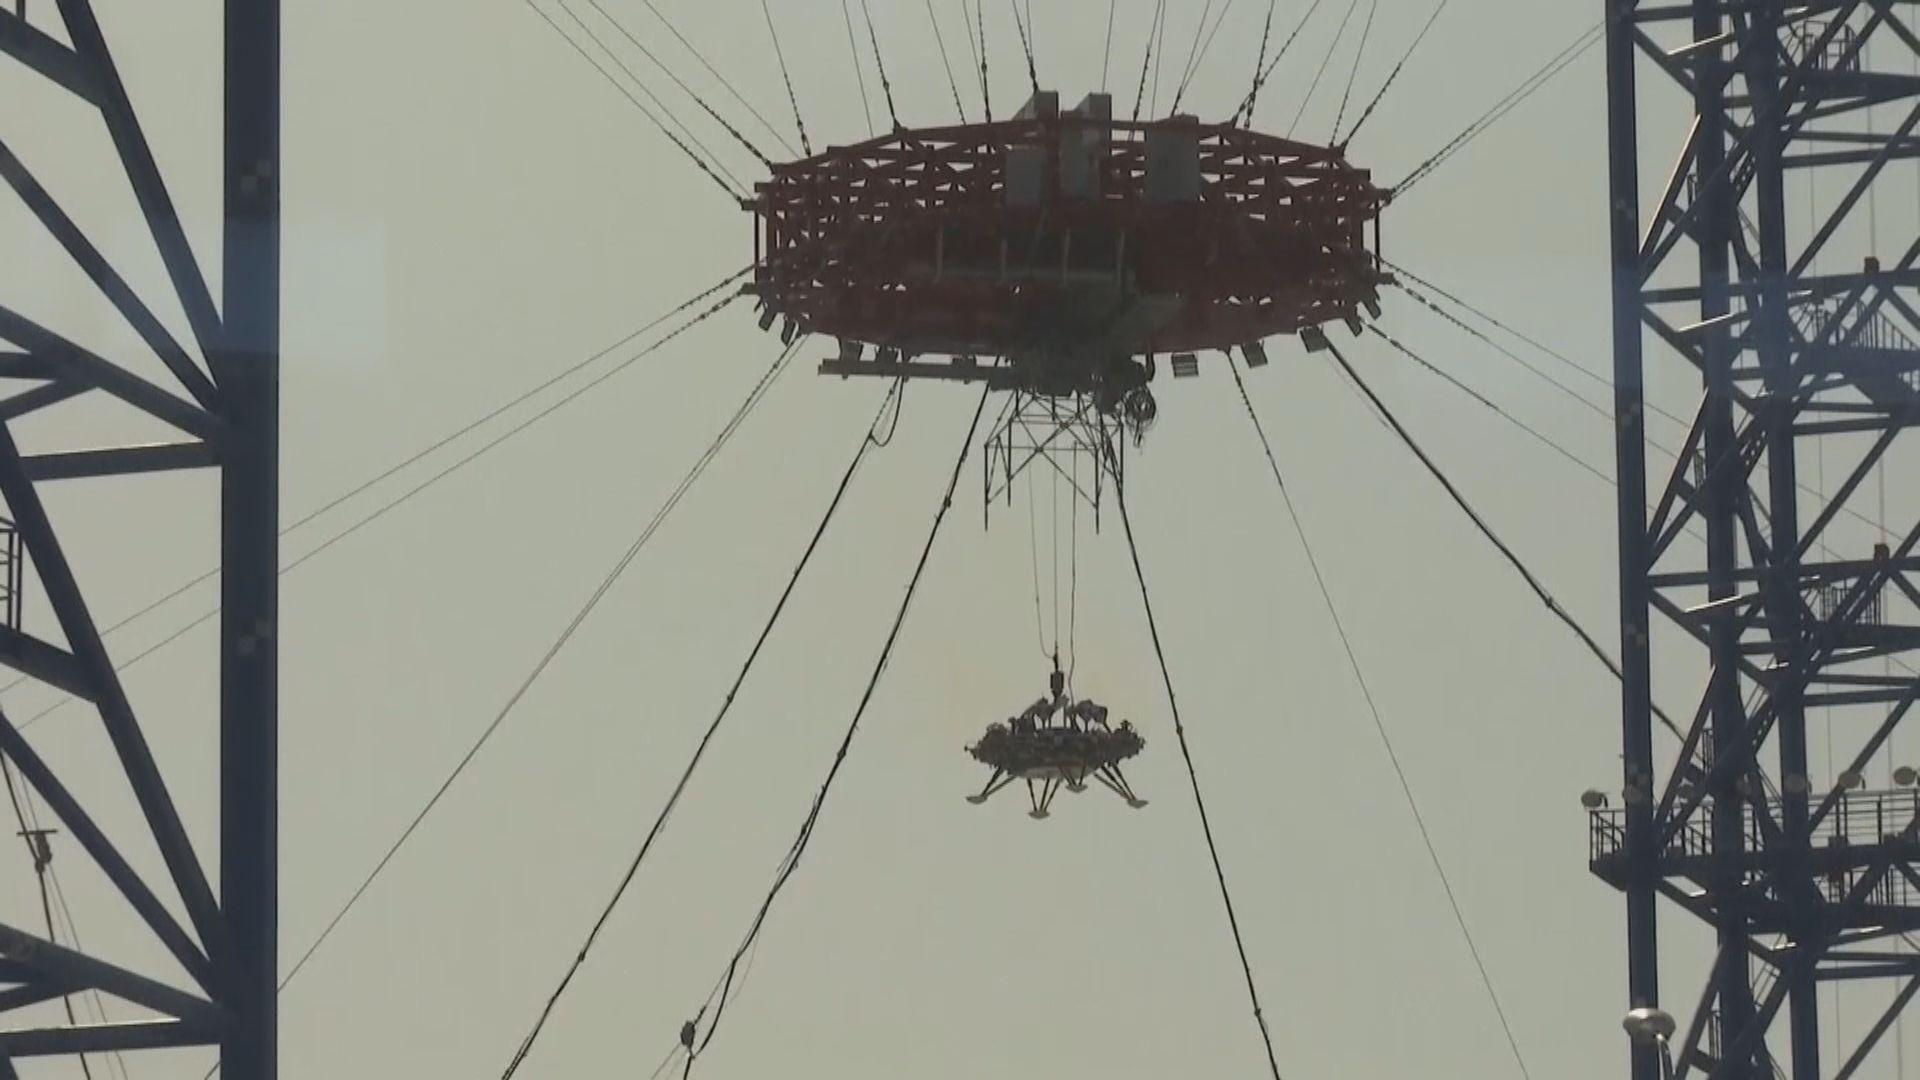 中國完成首次火星探測器懸停等試驗